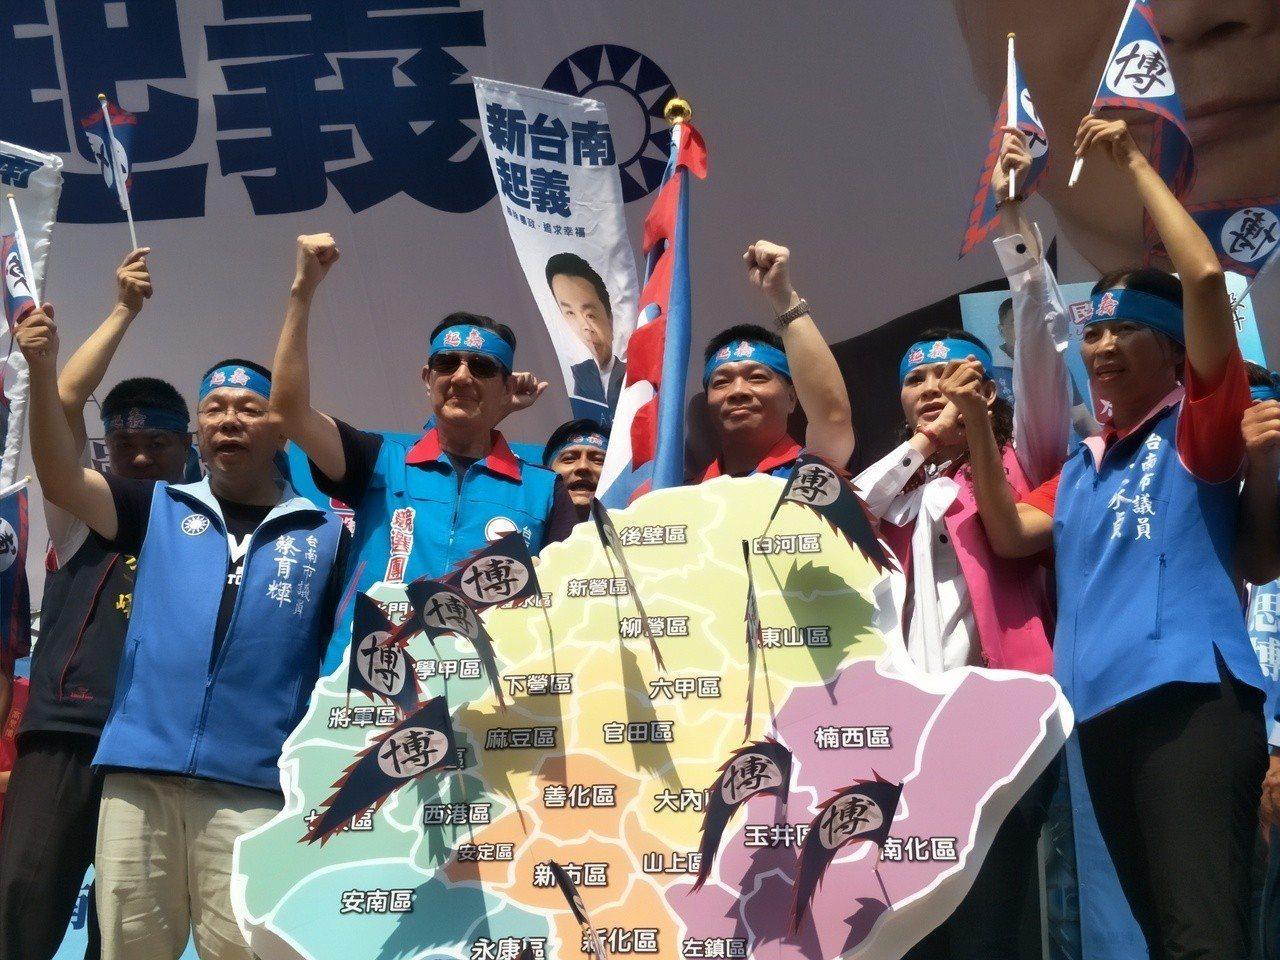 一行人綁上紅巾,宣示「台南起義」。記者謝進盛/攝影